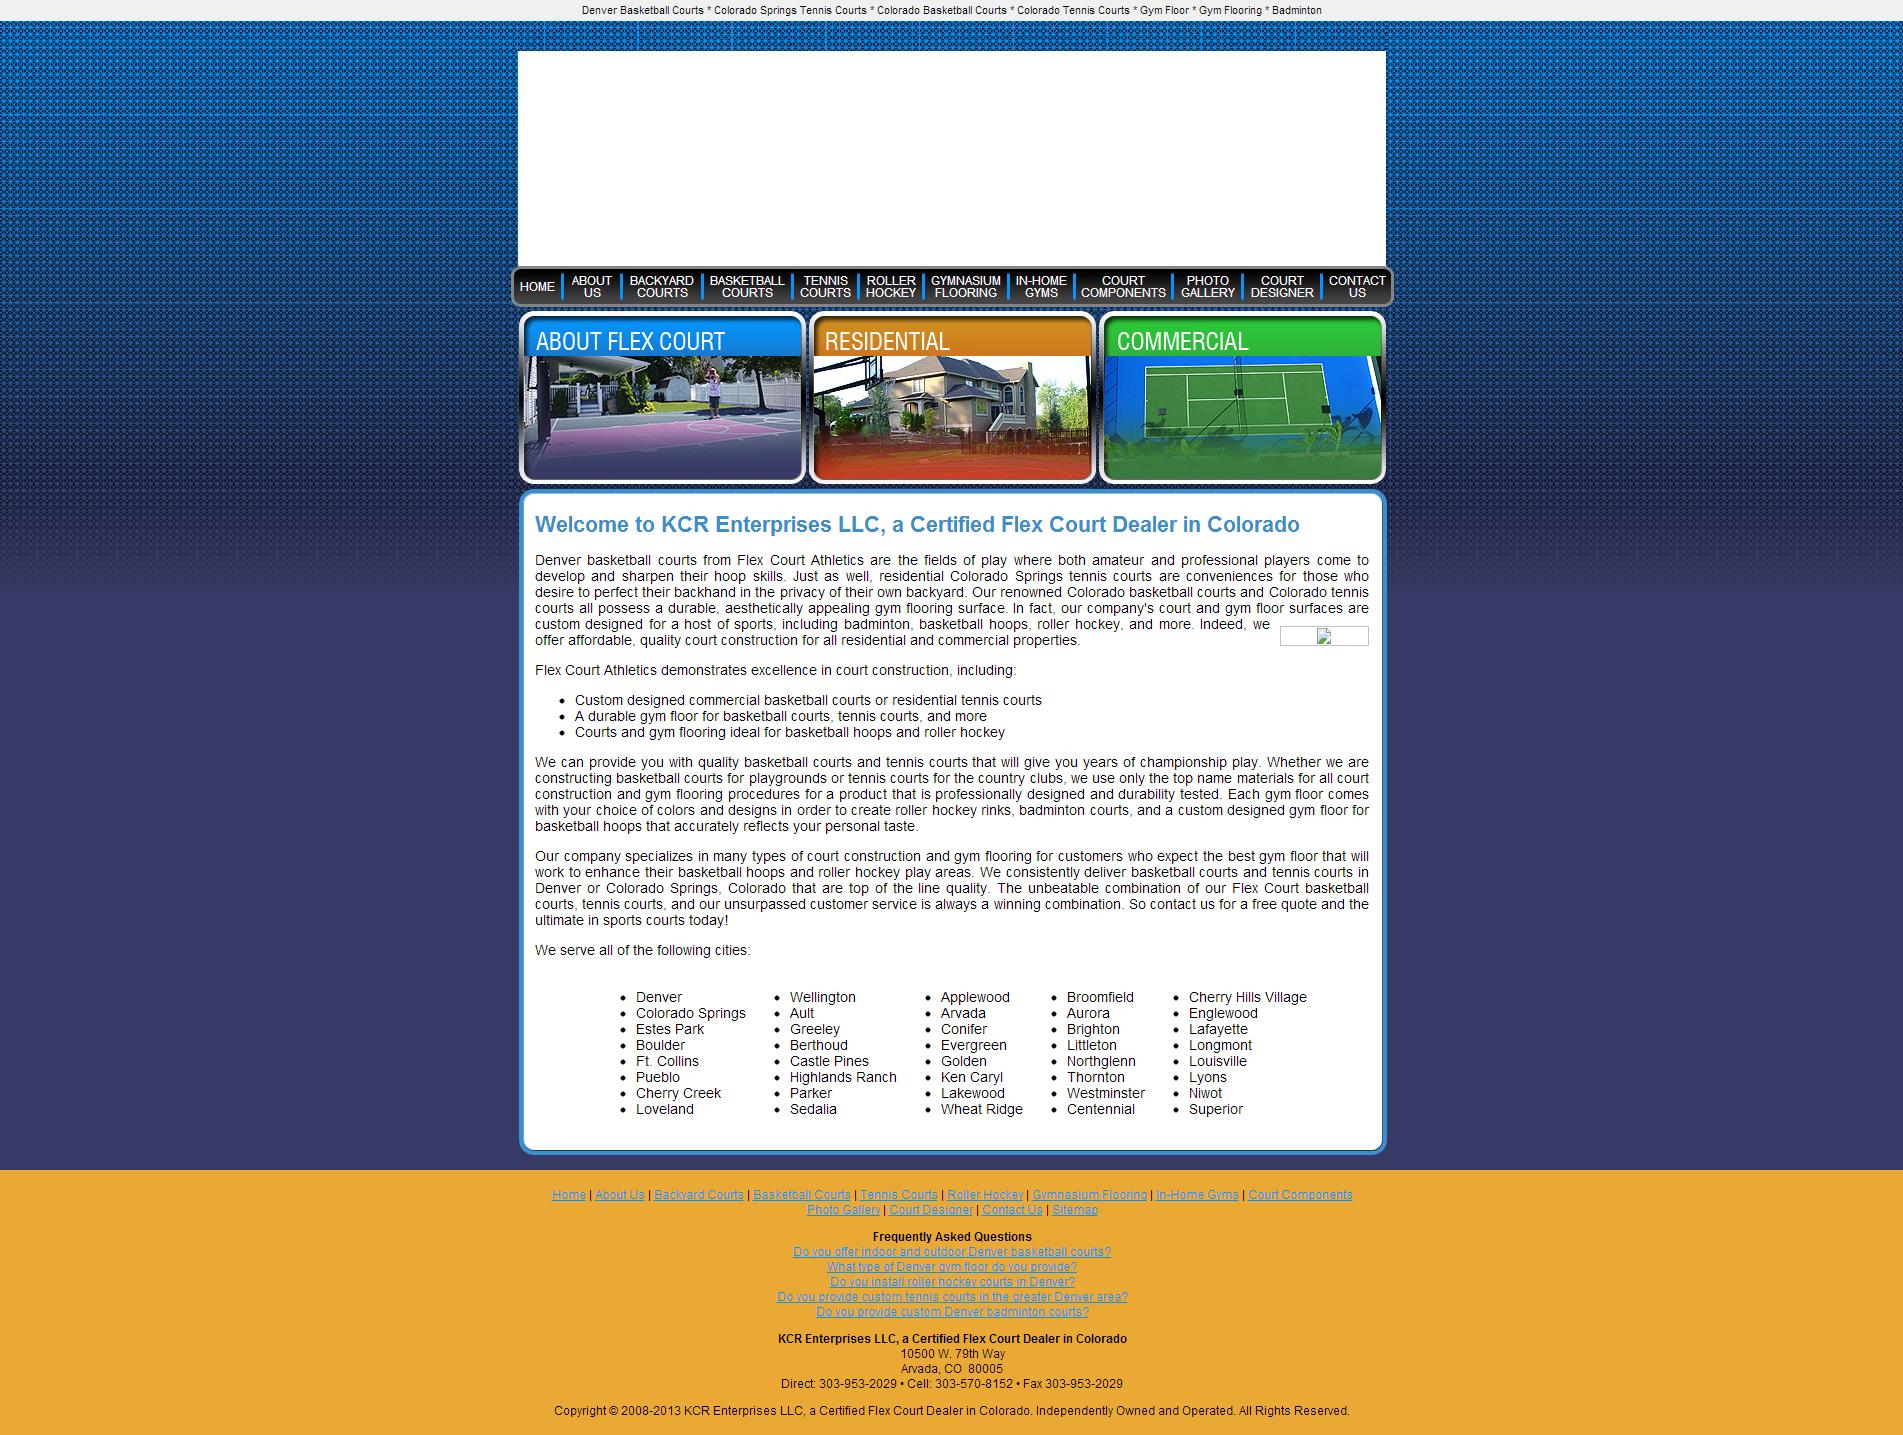 Old KCR Enterprises Website